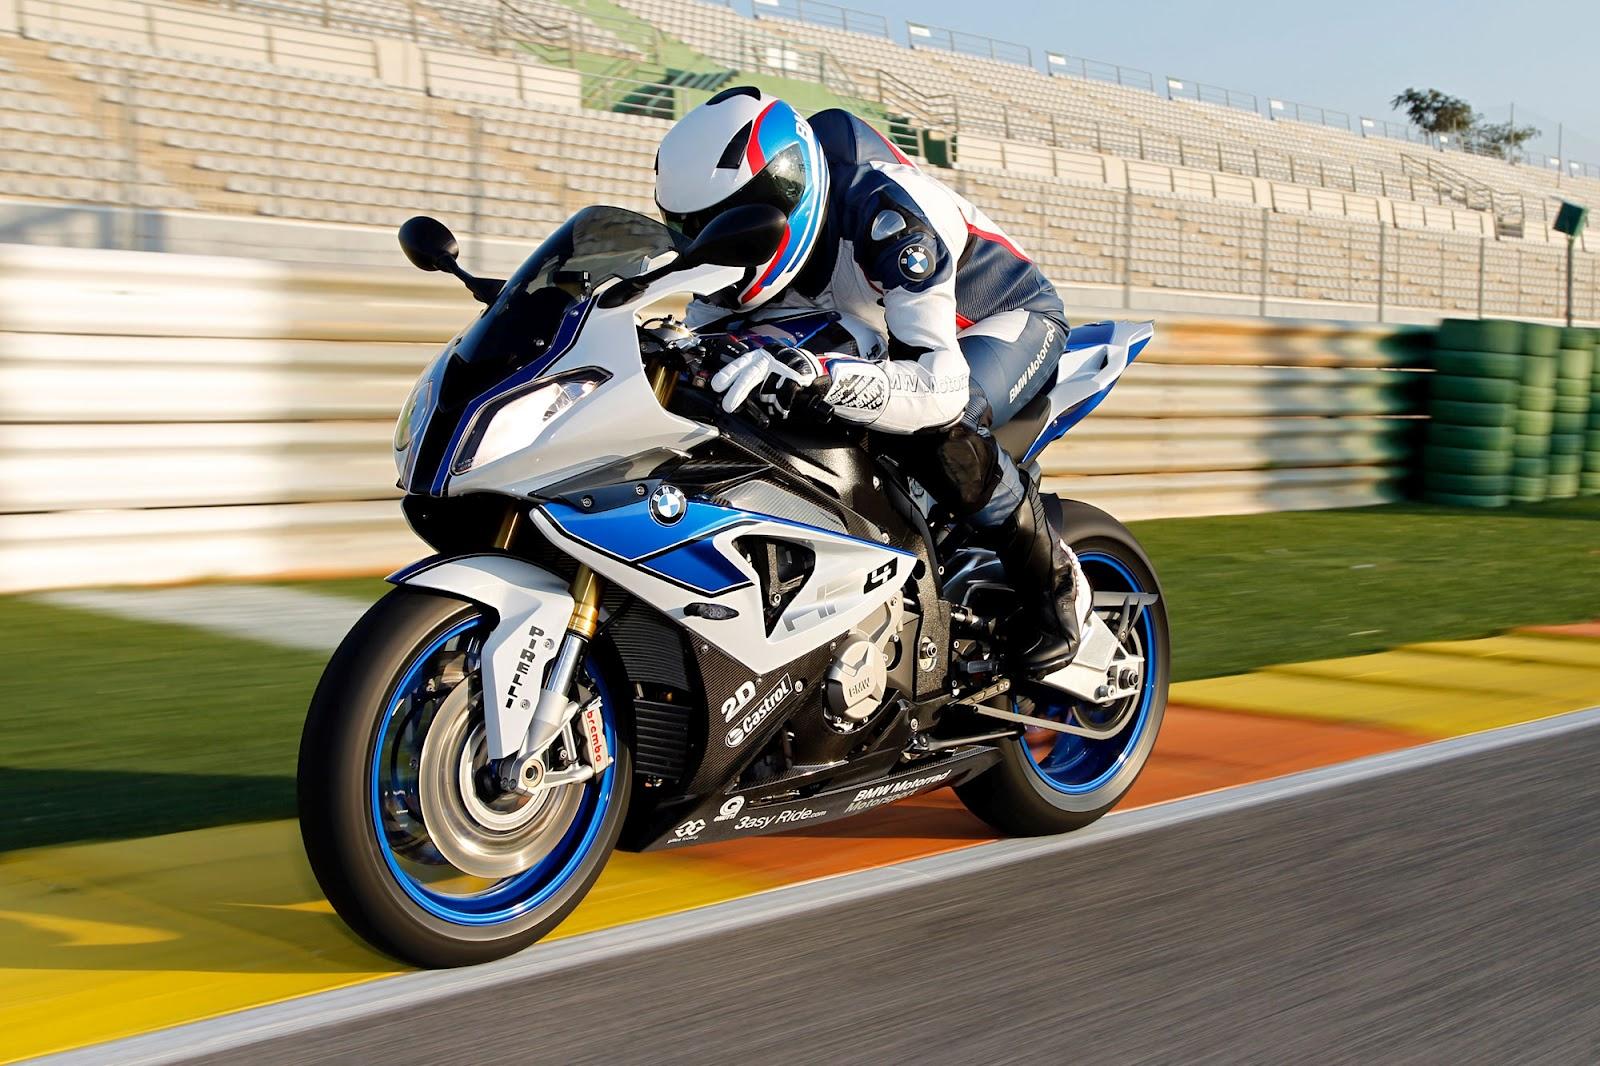 Honda 1000cc Bikes Bike in The 1000cc Class